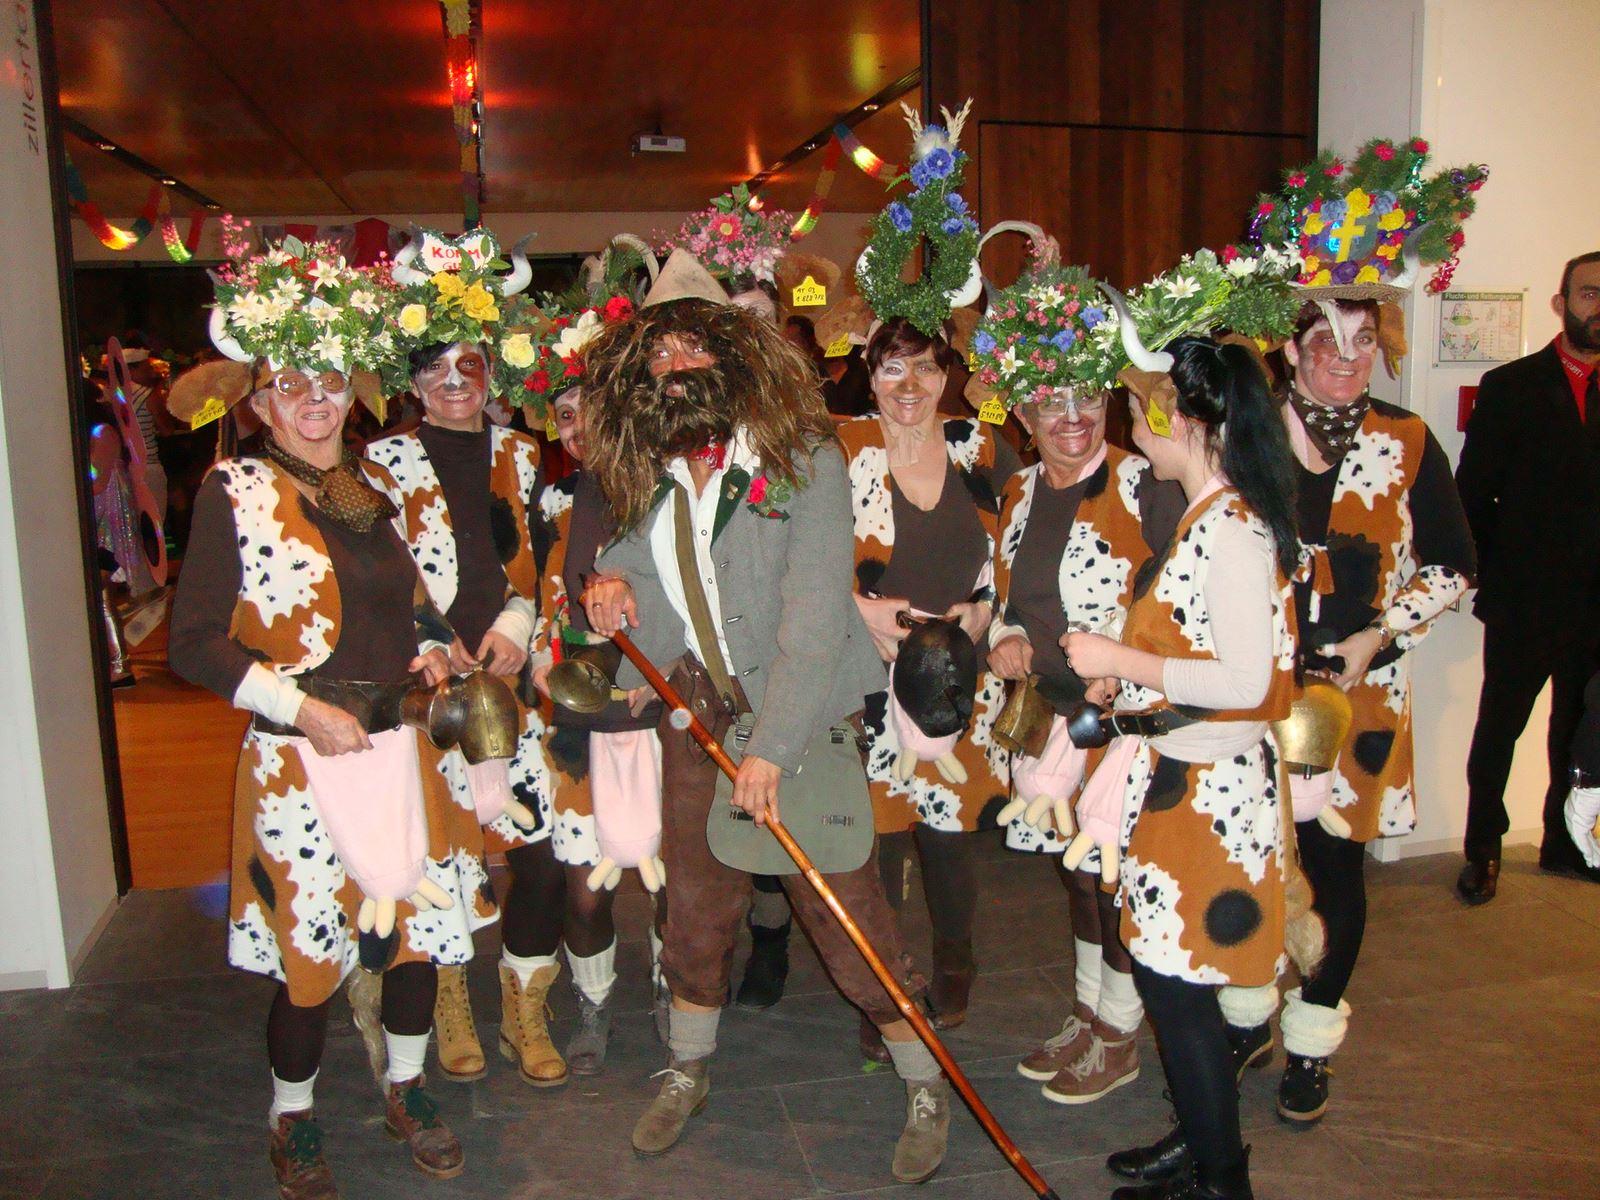 2015-02-14 Faschingsball BMK Hippach (10).JPG